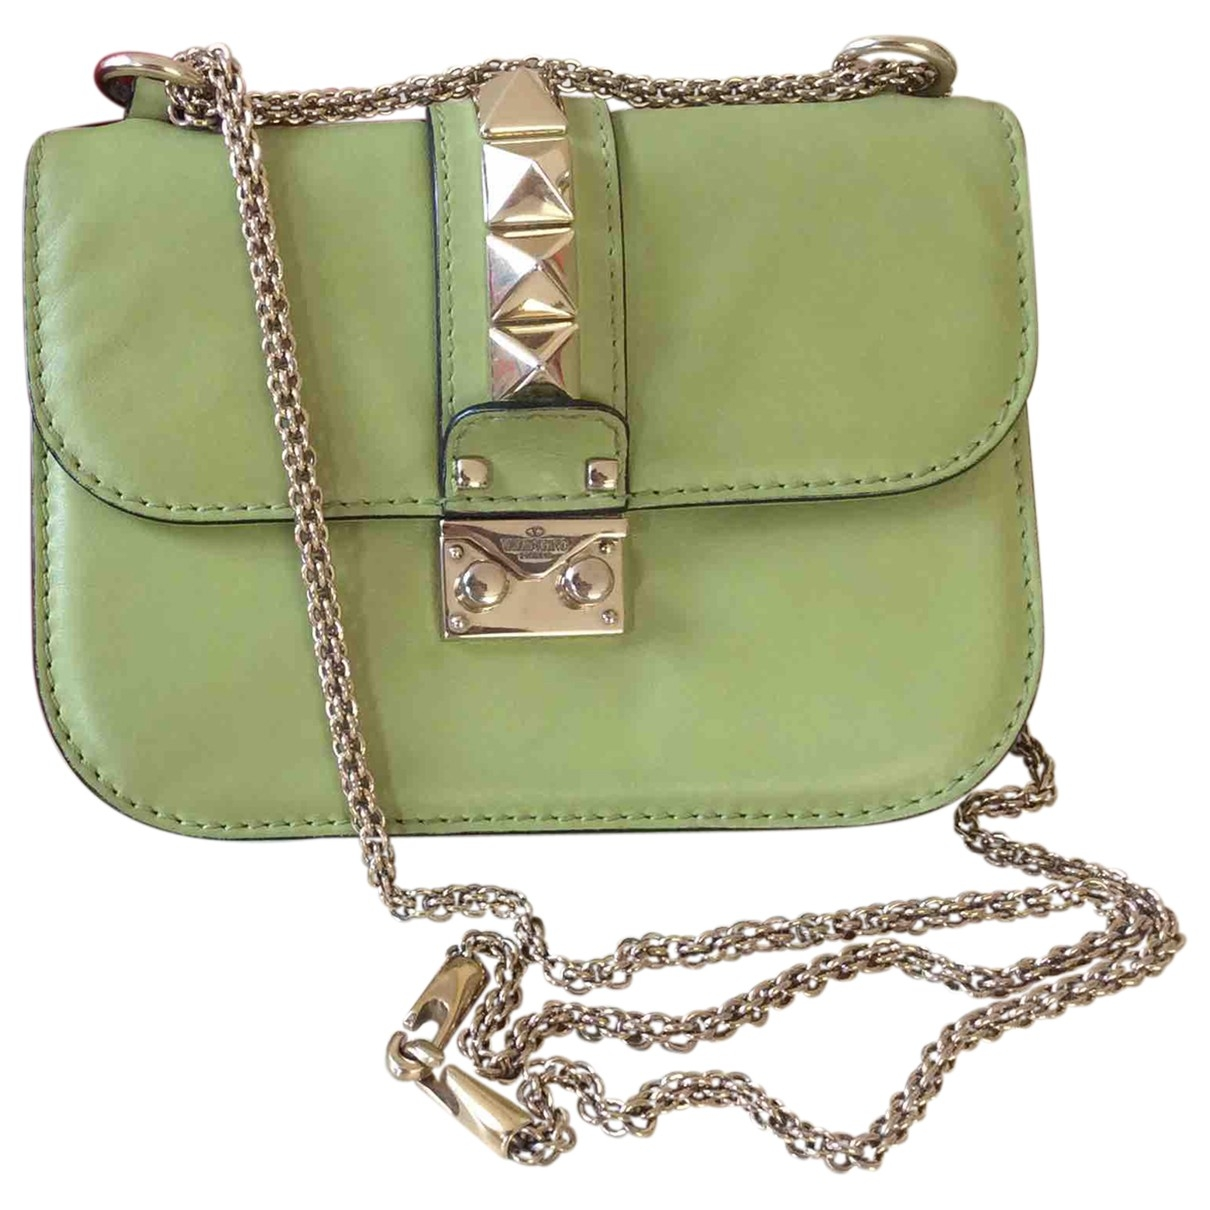 Valentino Garavani - Sac a main Glam Lock pour femme en cuir - vert